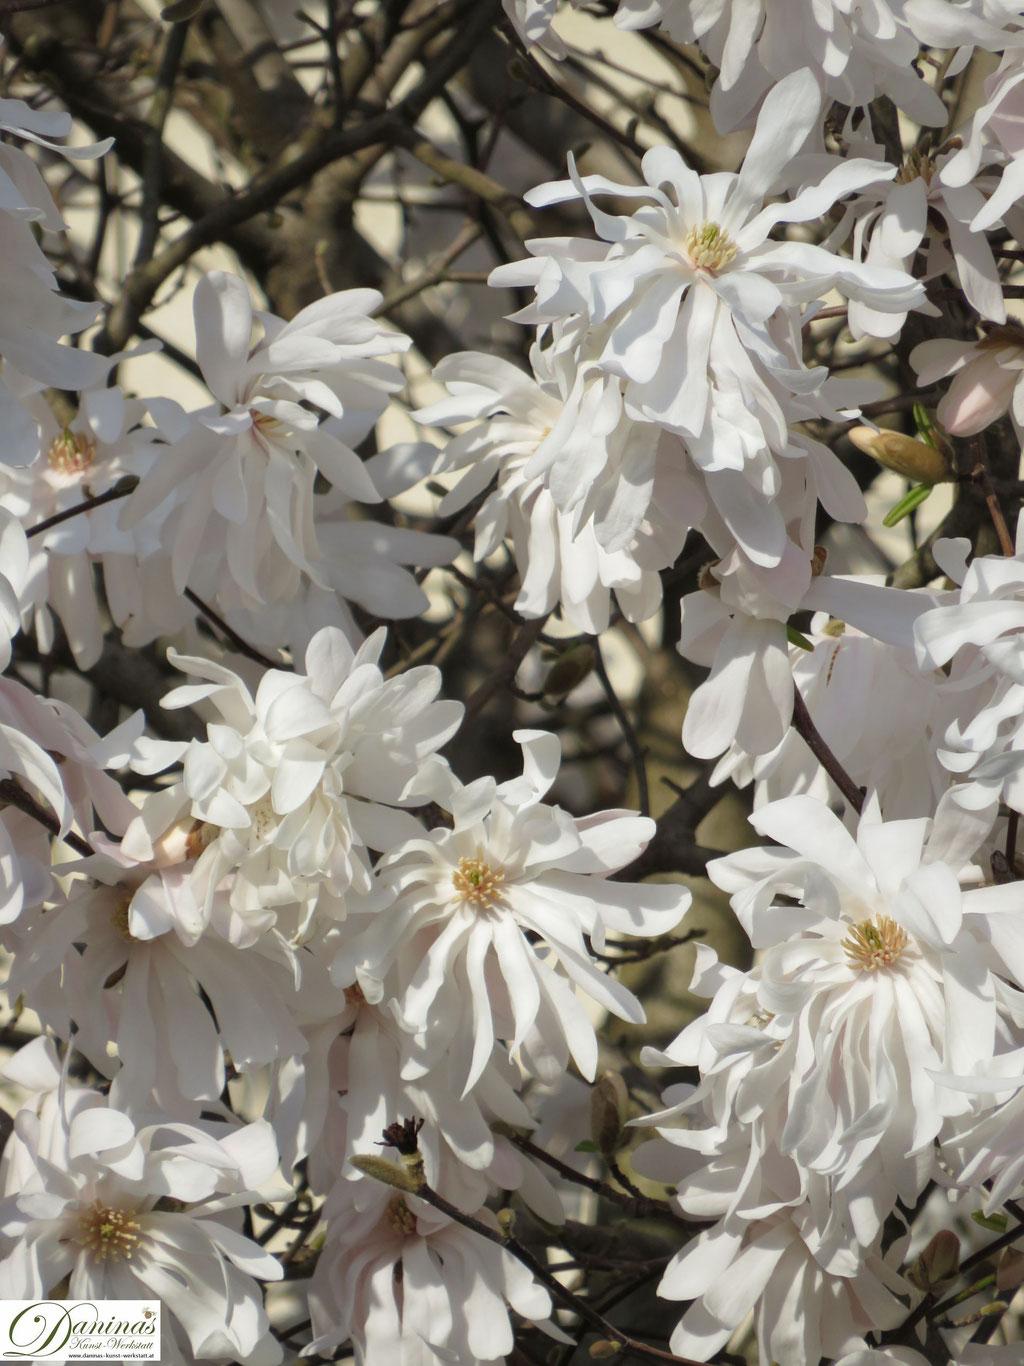 Weiße Magnolie - erste Blüten im Frühling